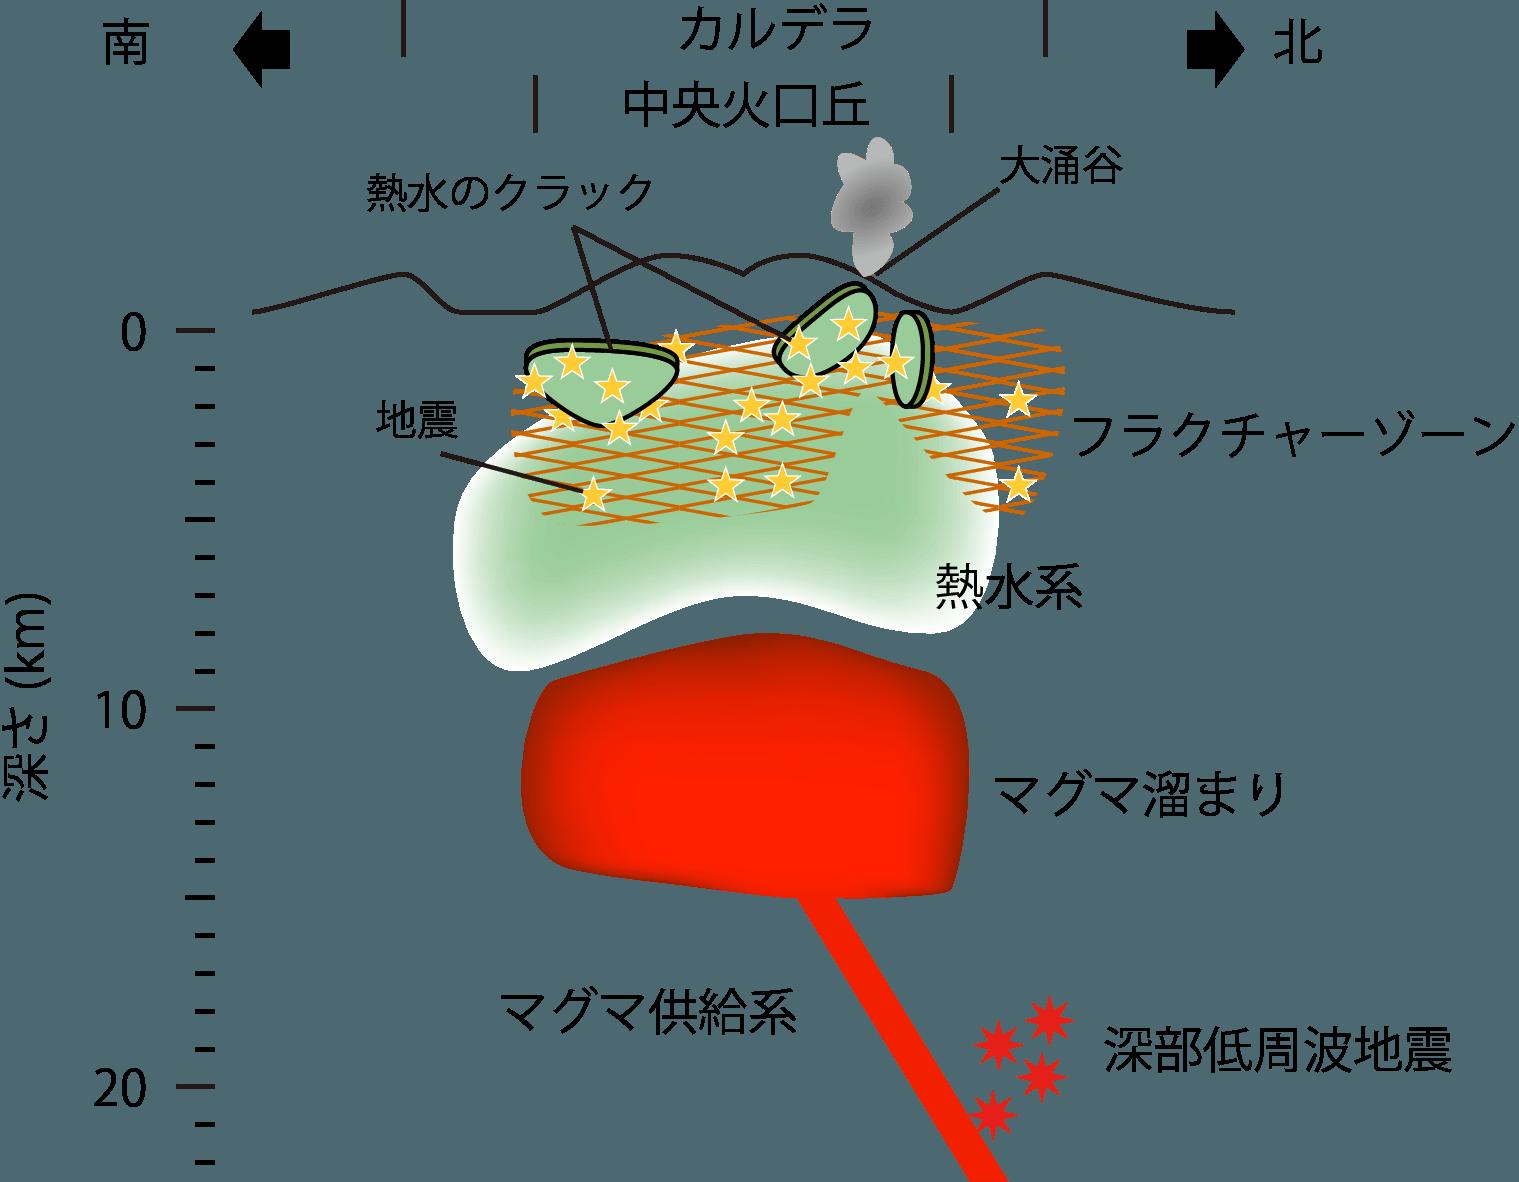 箱根火山の模式断面図